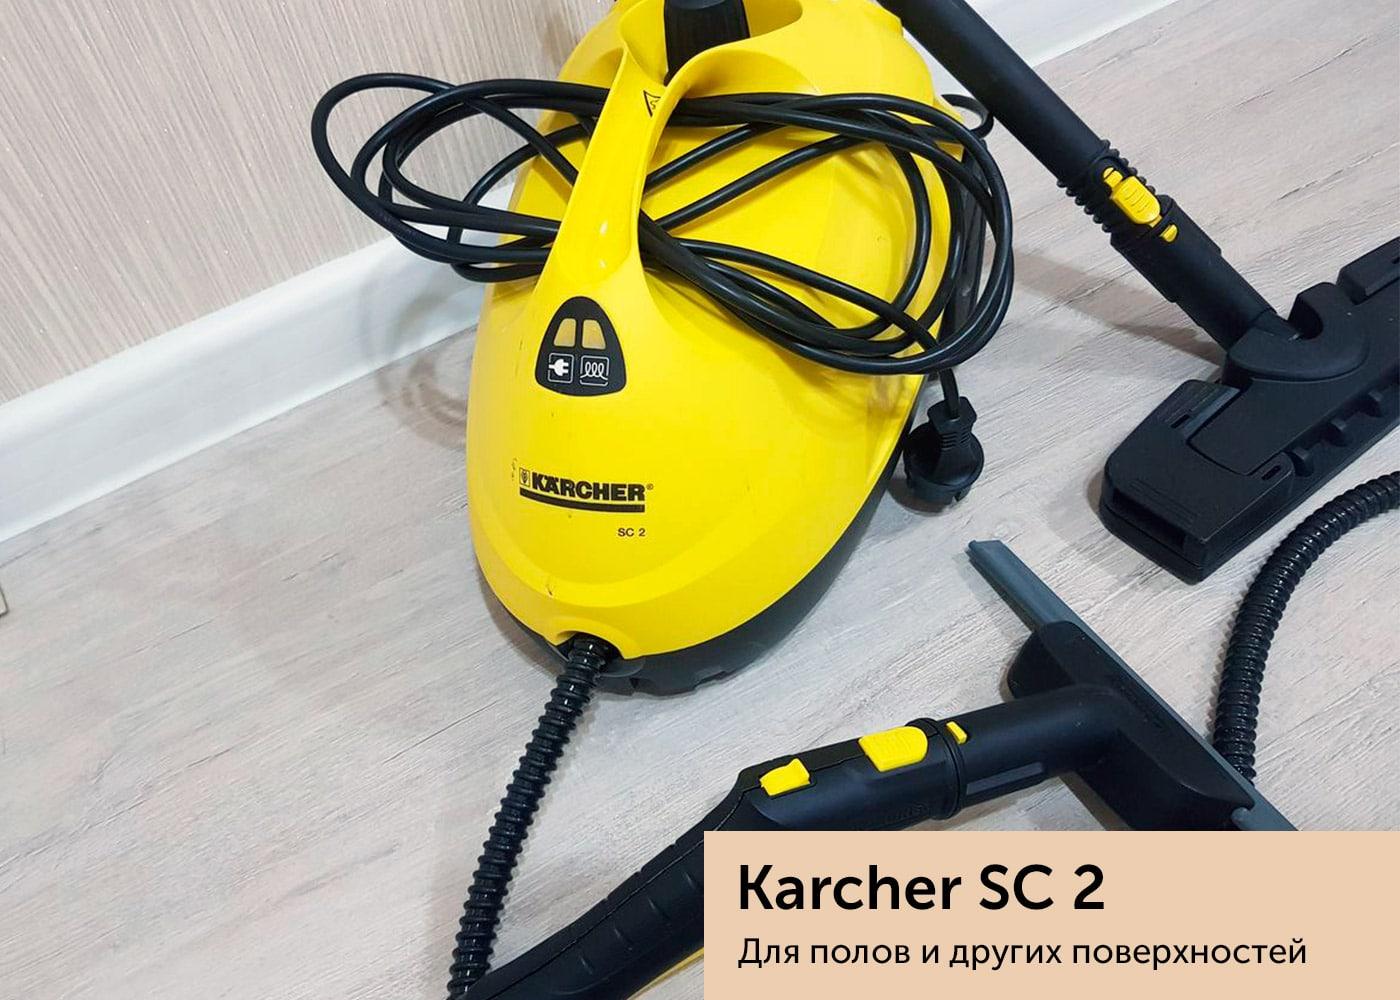 Бытовой очиститель Karcher SC 2